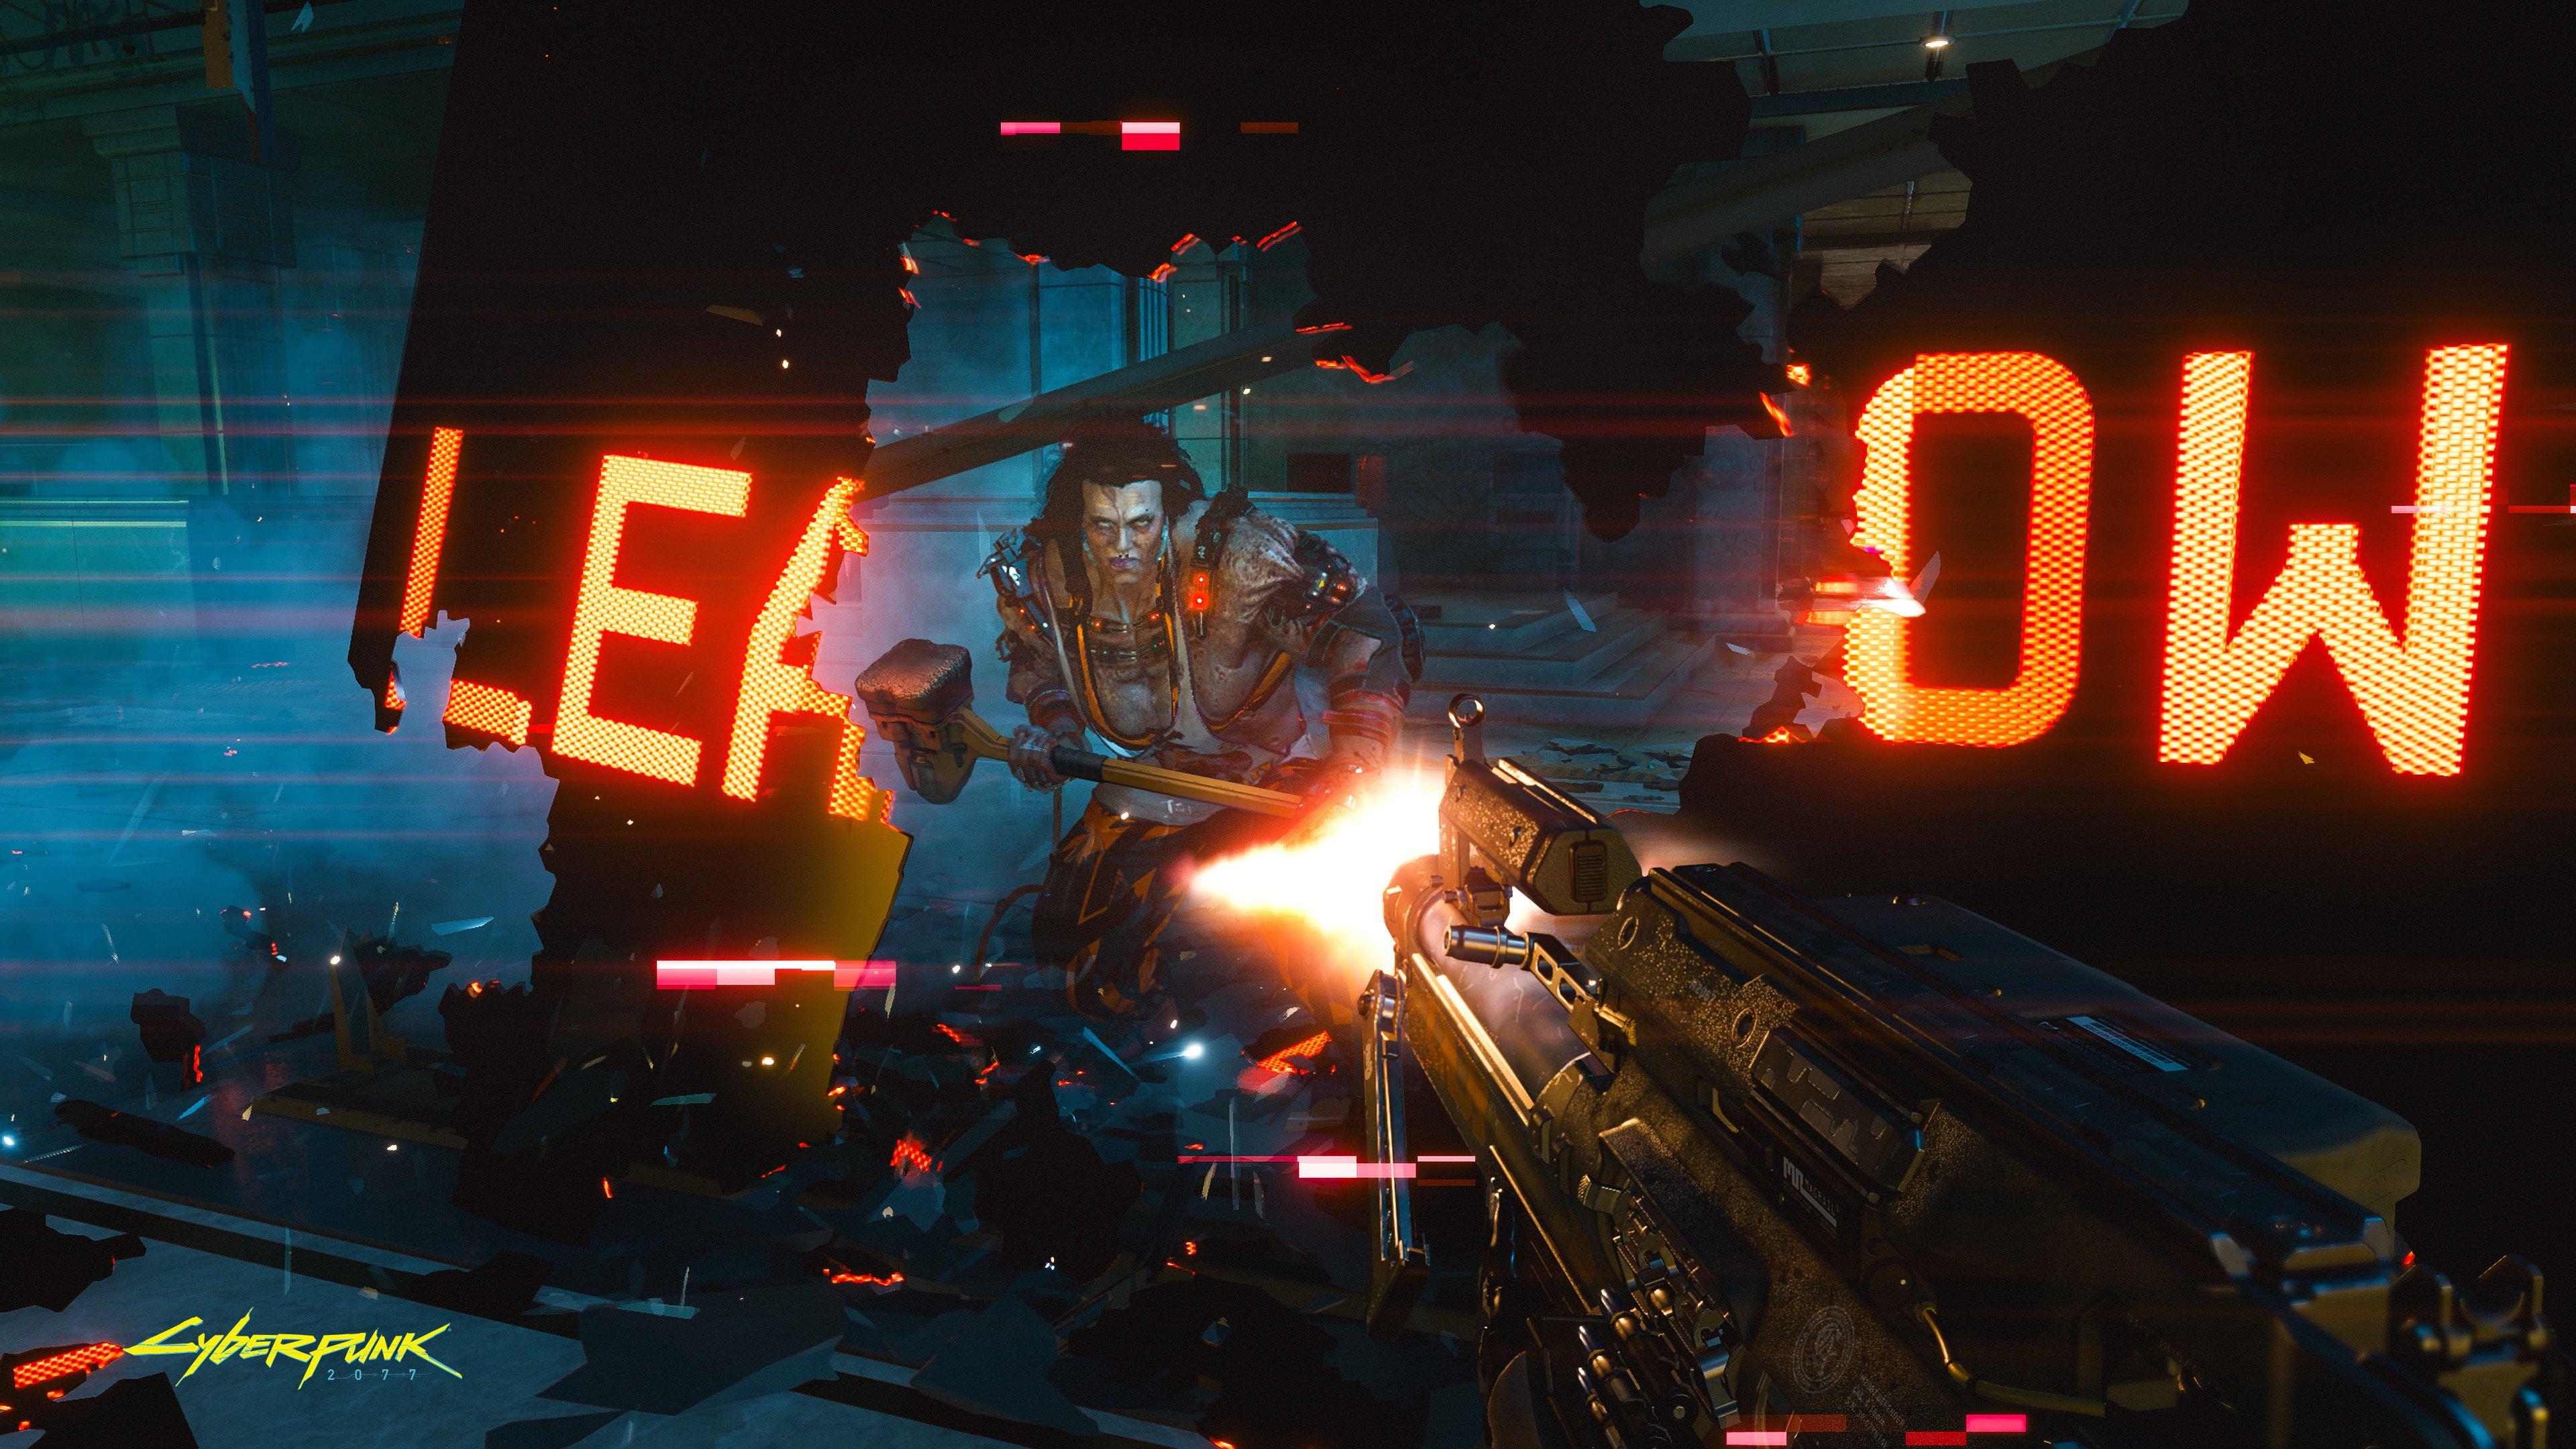 Cyberpunk 2077 - New 4k Screenshots and Details